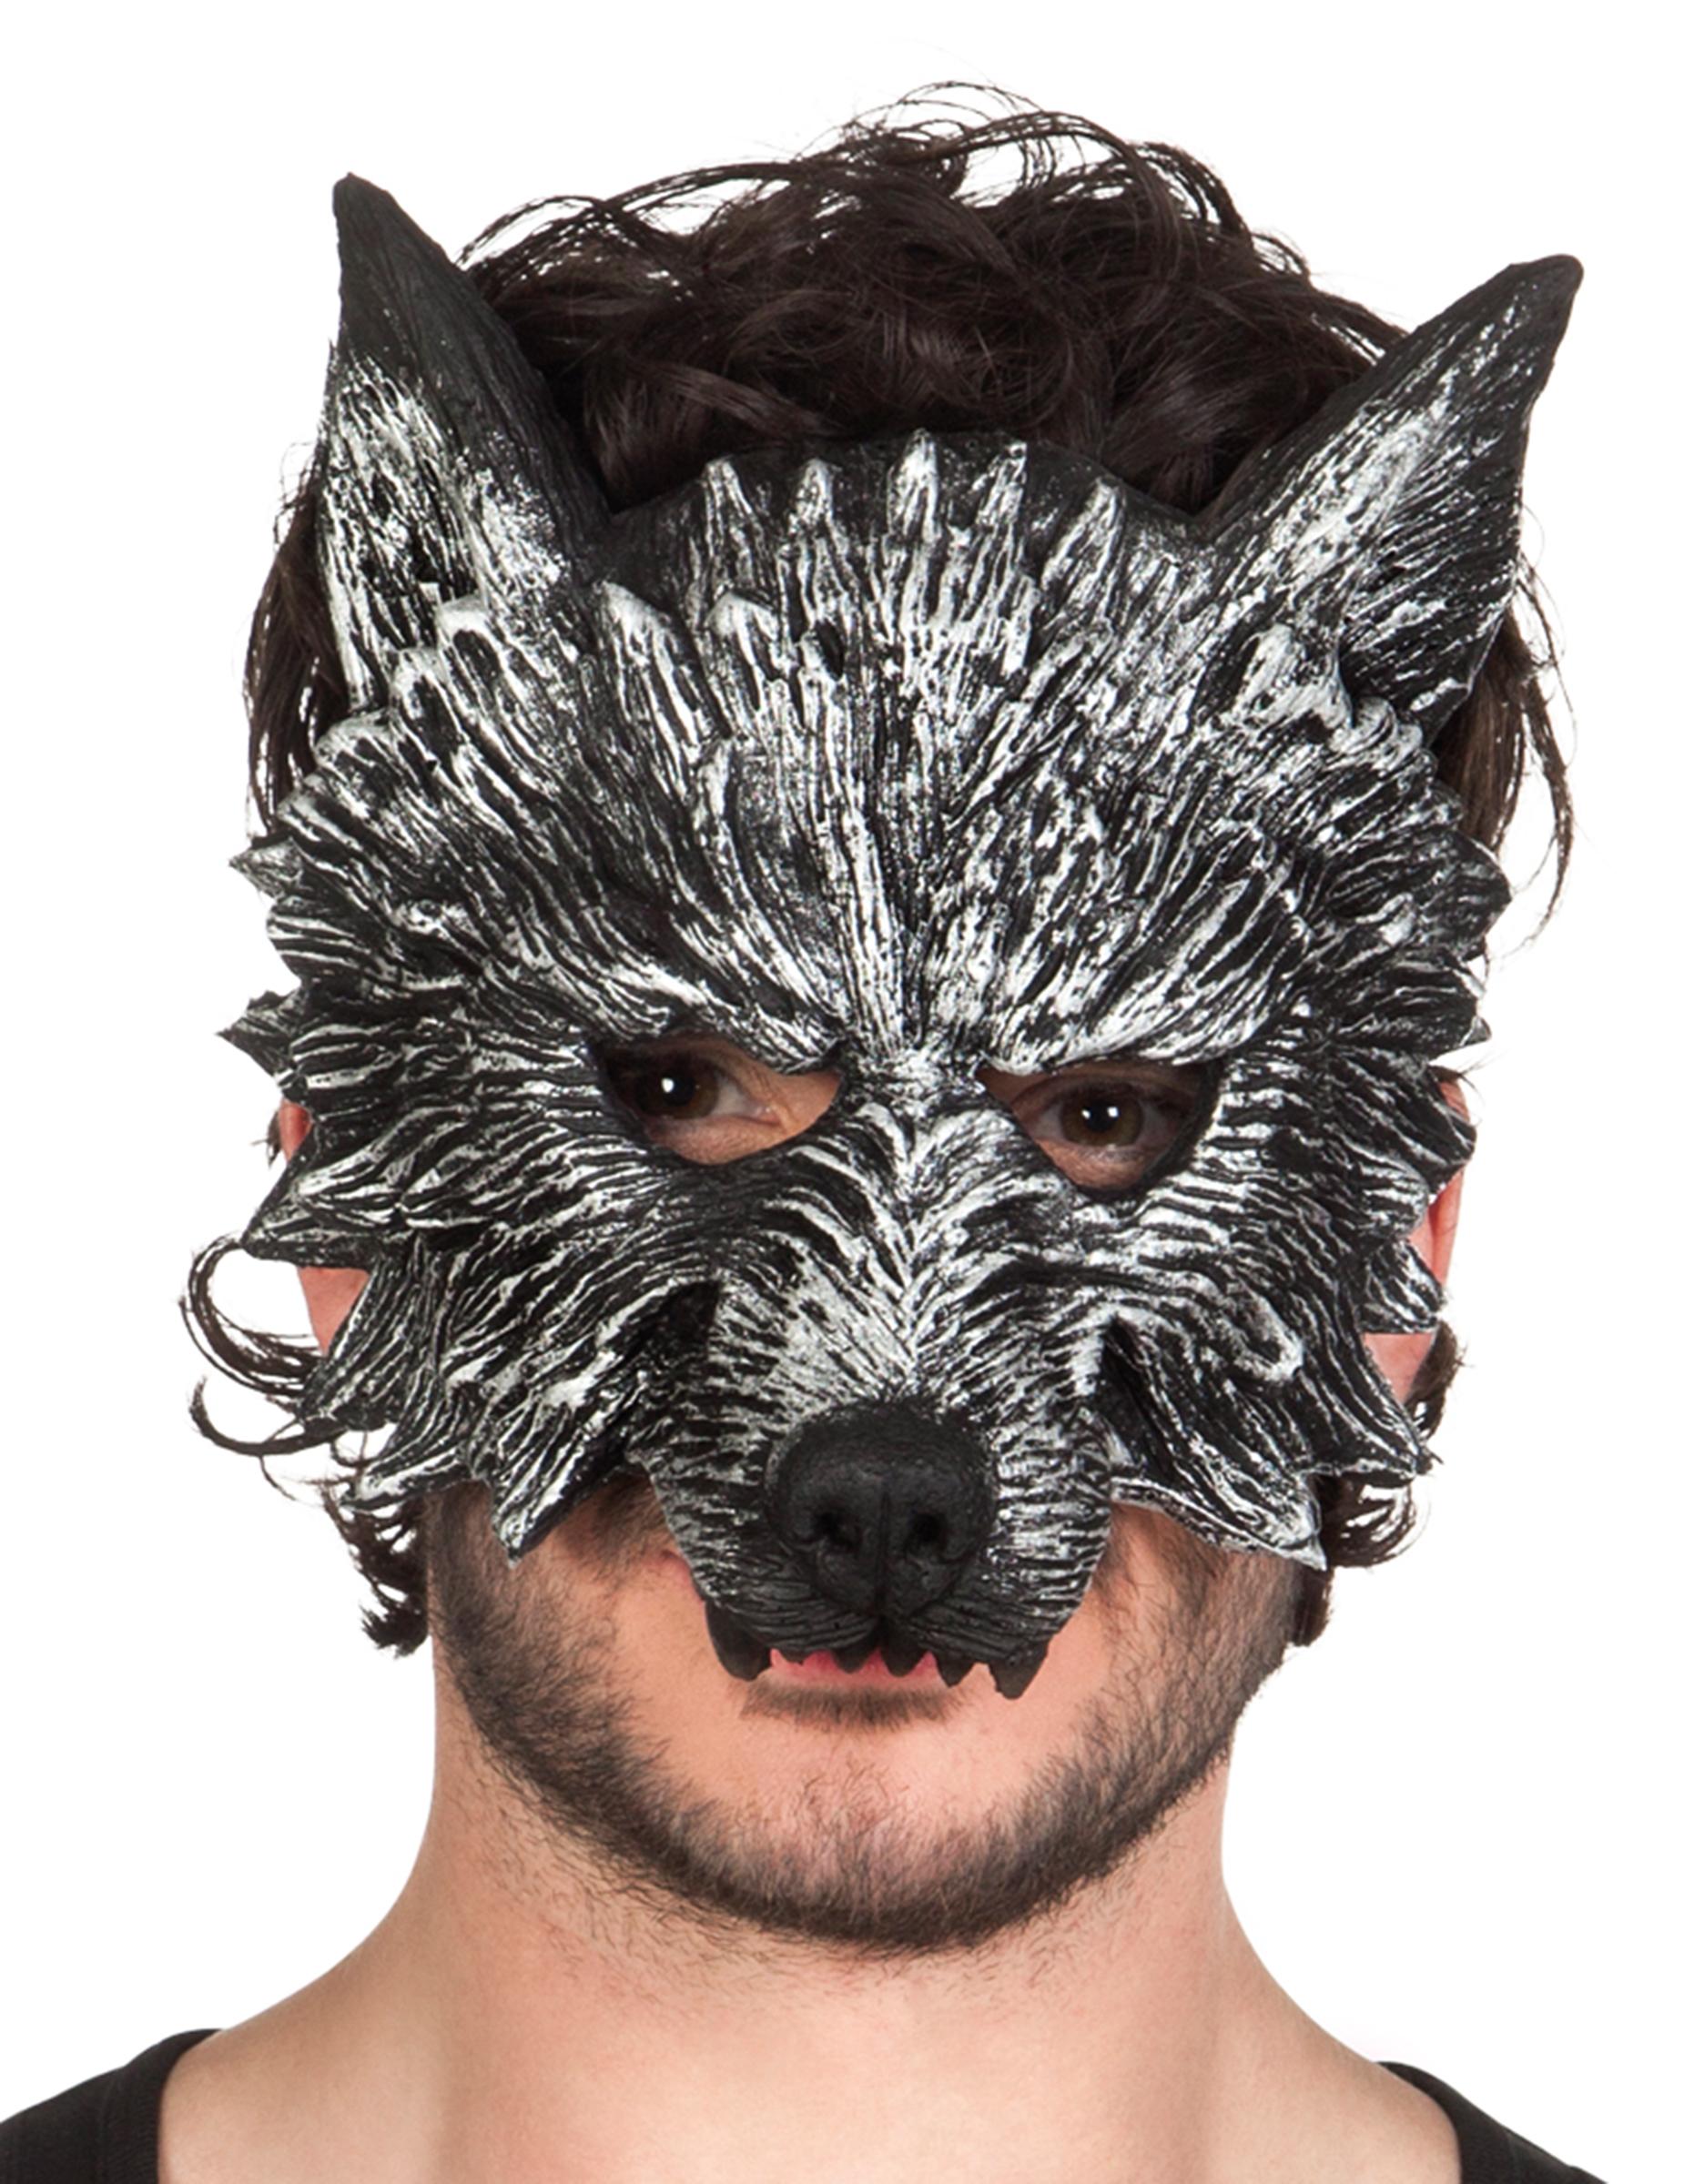 werwolf halbmaske halloween f r erwachsene schwarz weiss g nstige faschings masken bei. Black Bedroom Furniture Sets. Home Design Ideas